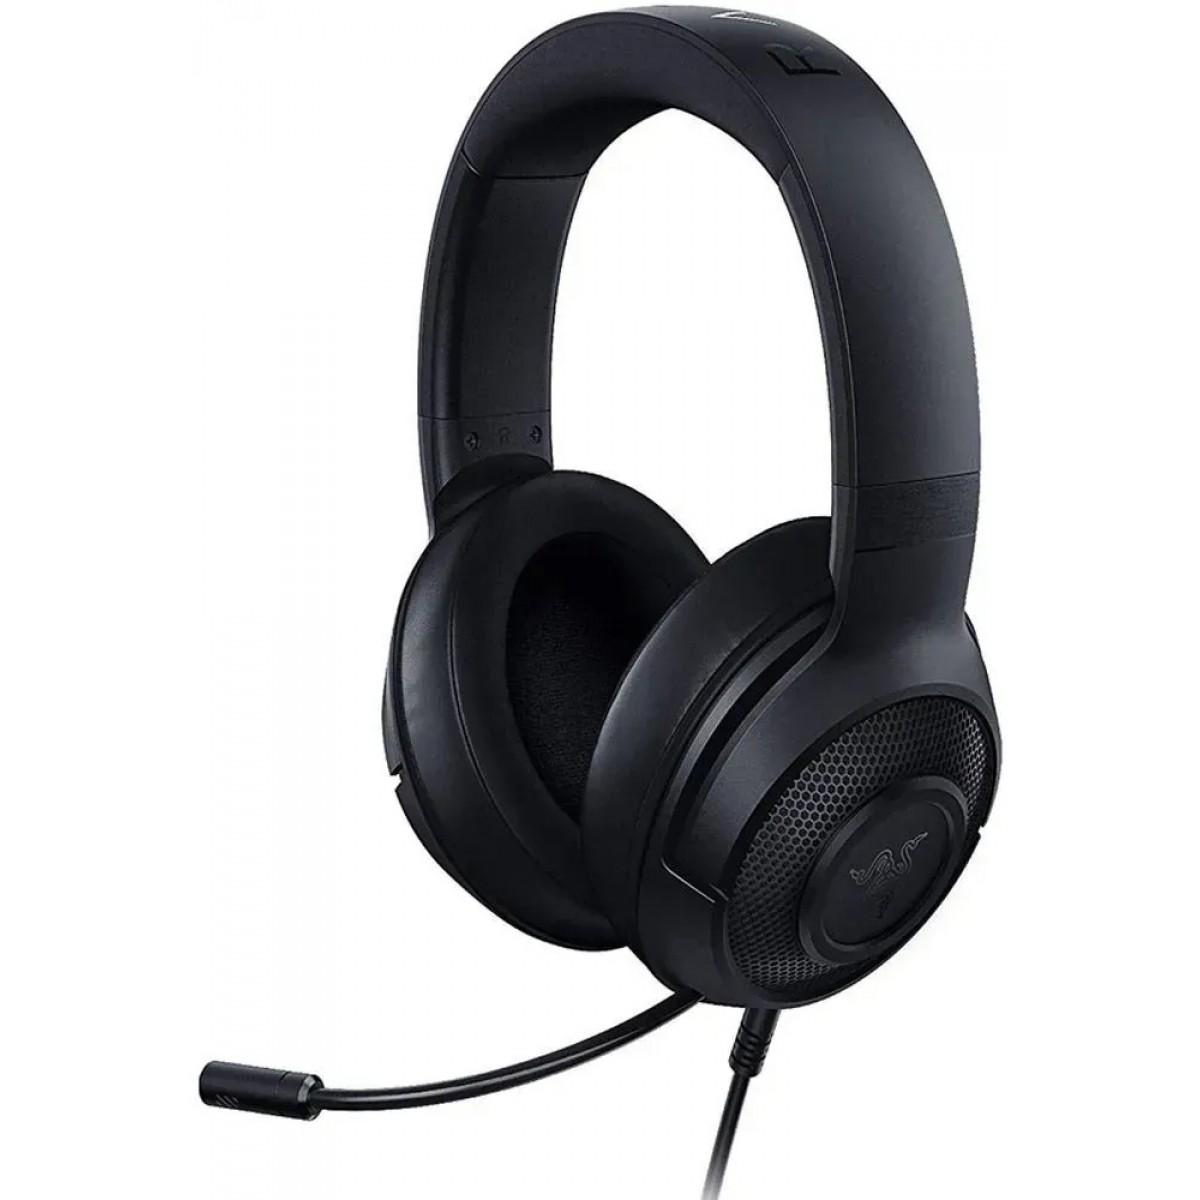 Headset Gamer Razer Kraken X, 7.1 Surround, Black, RZ.AU.KR.06.RT